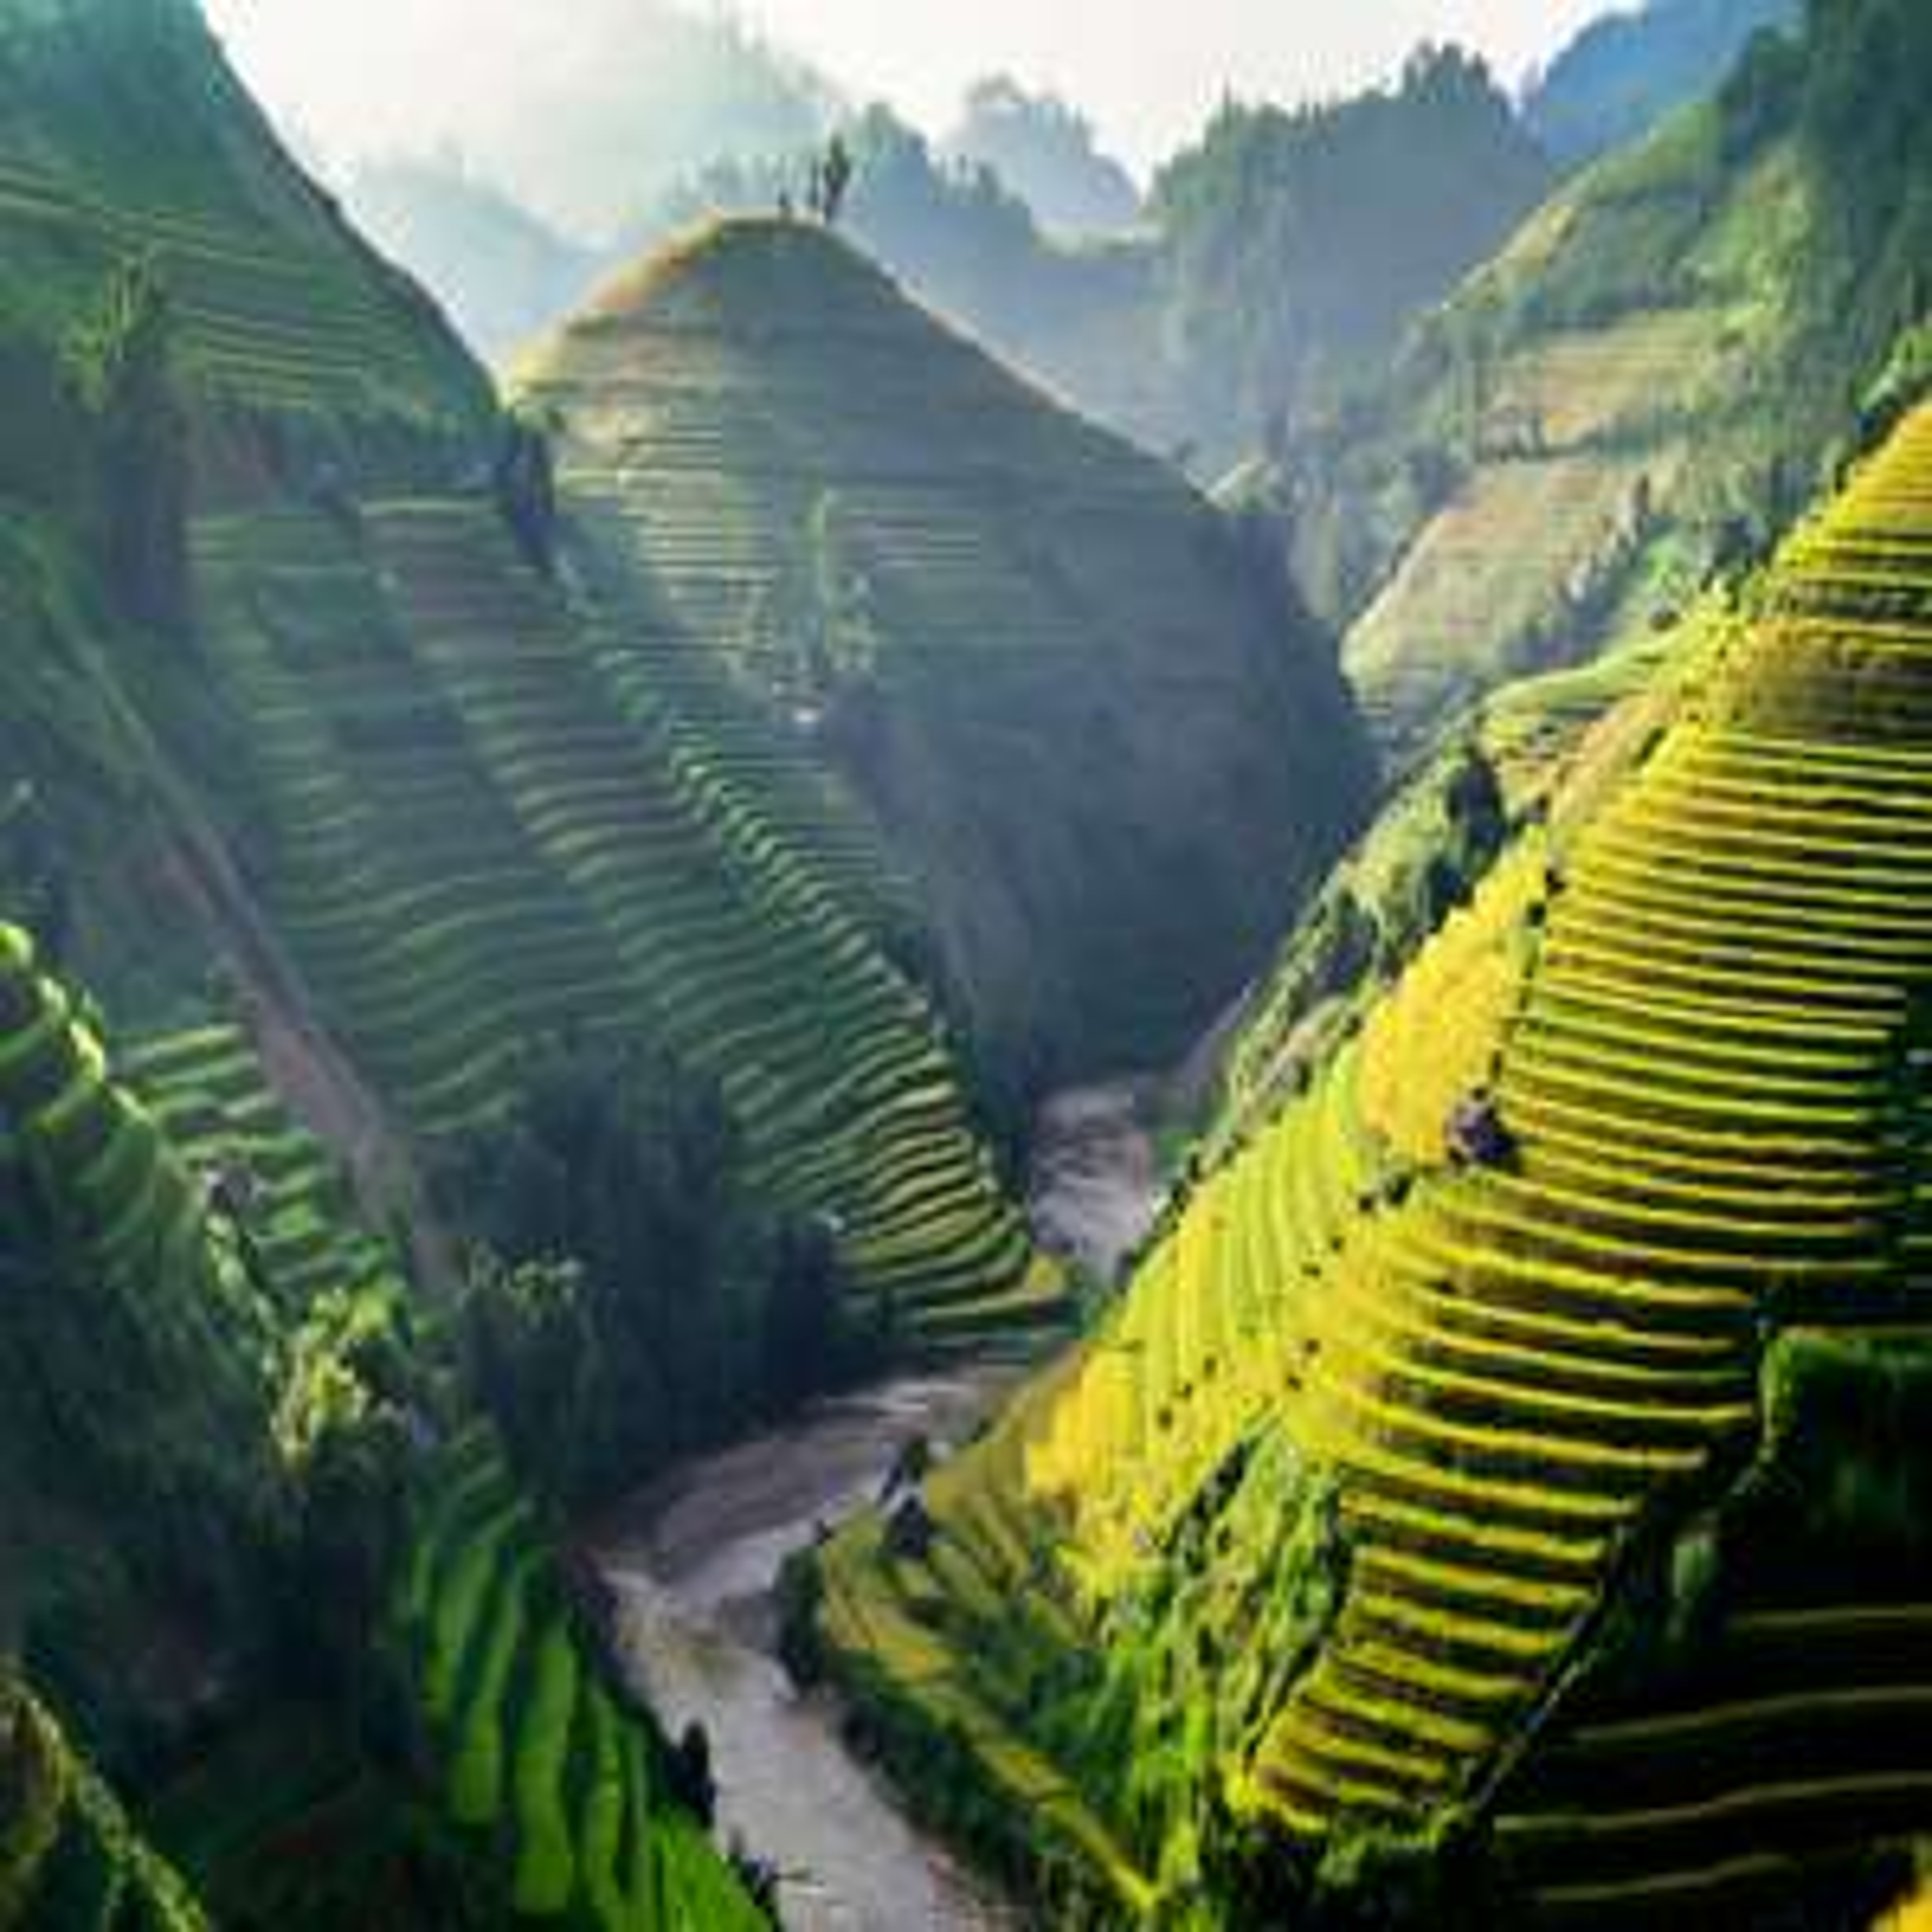 Flüge nach Vietnam (Ho-Chi-Minh / Hanoi) Hin und Rückflug mit 5* Cathay Pacific von Zürich (September - Juli) inkl. Gepäck ab 386€